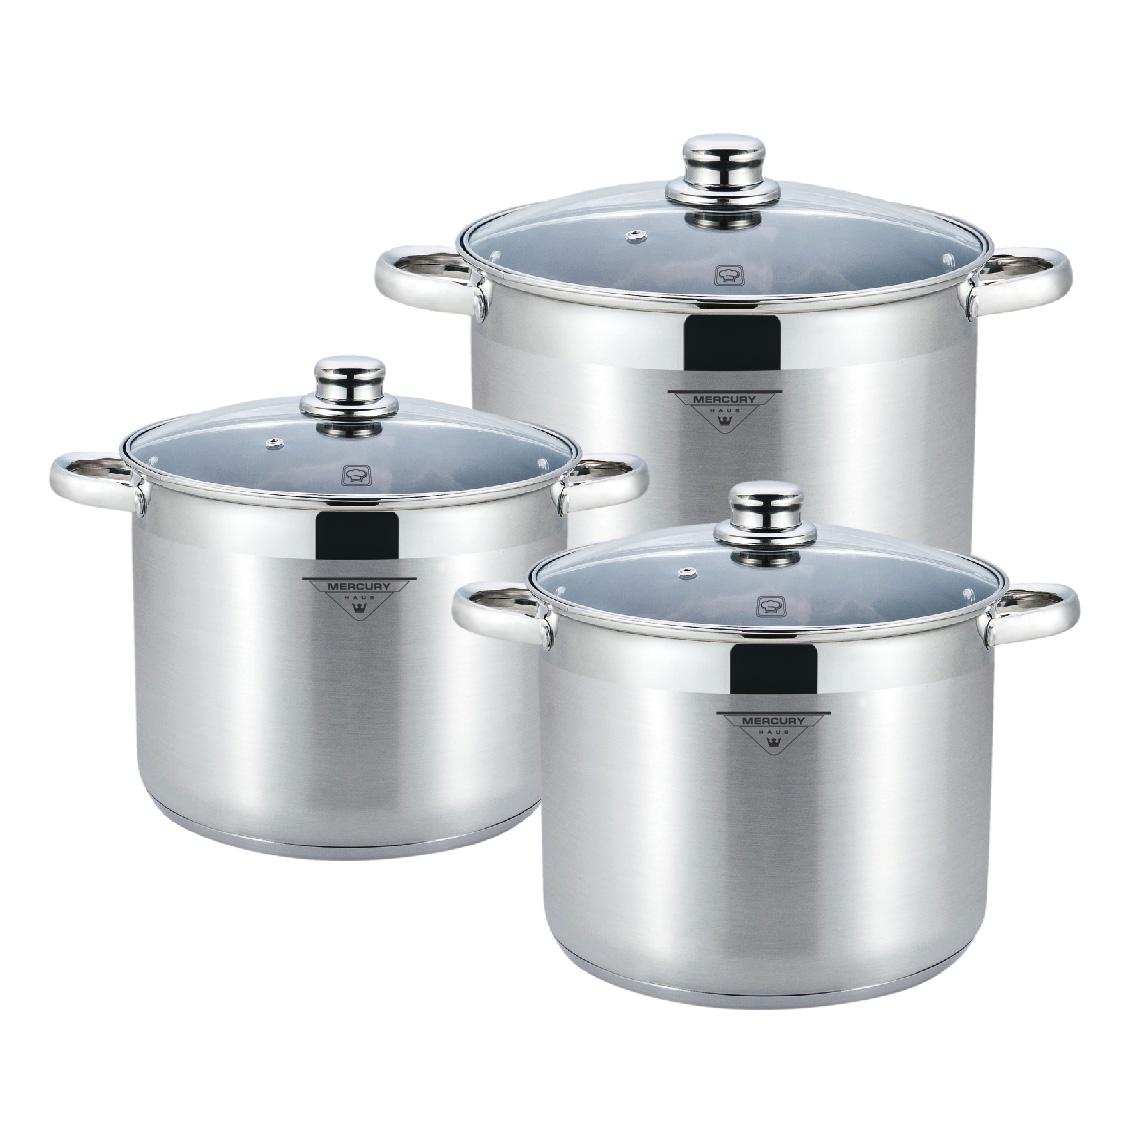 Фото - Набор посуды для приготовления Mercury Haus MC - 7038, серебристый набор ножей mercury haus mc 6154